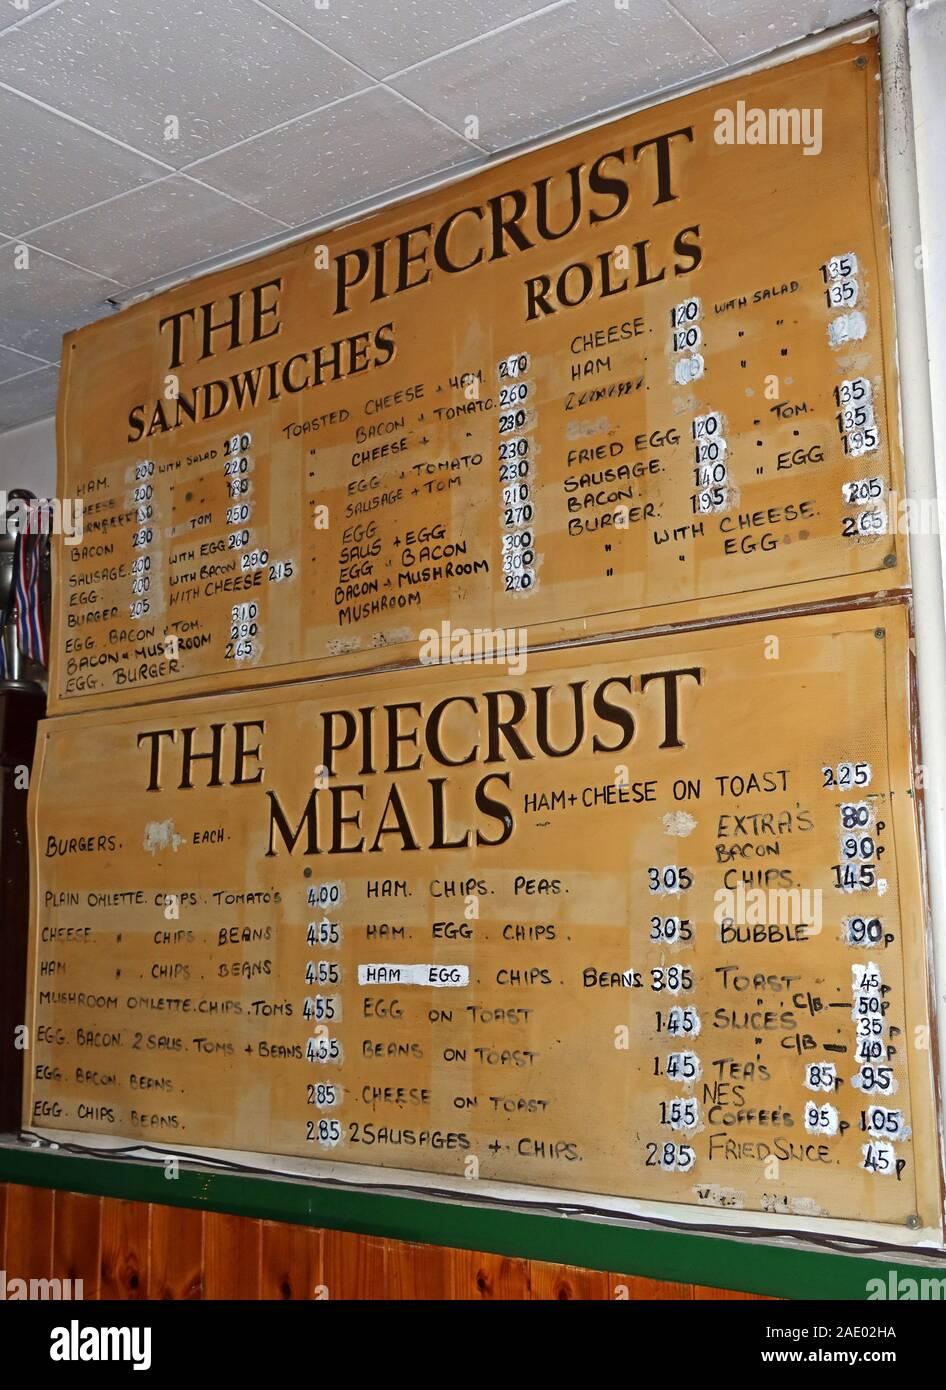 Dieses Stockfoto: The Piecrust, Thai Restaurant Menü, Sandwiches, Brötchen, 273 High St, Stratford, London, E15 - 2AE02H